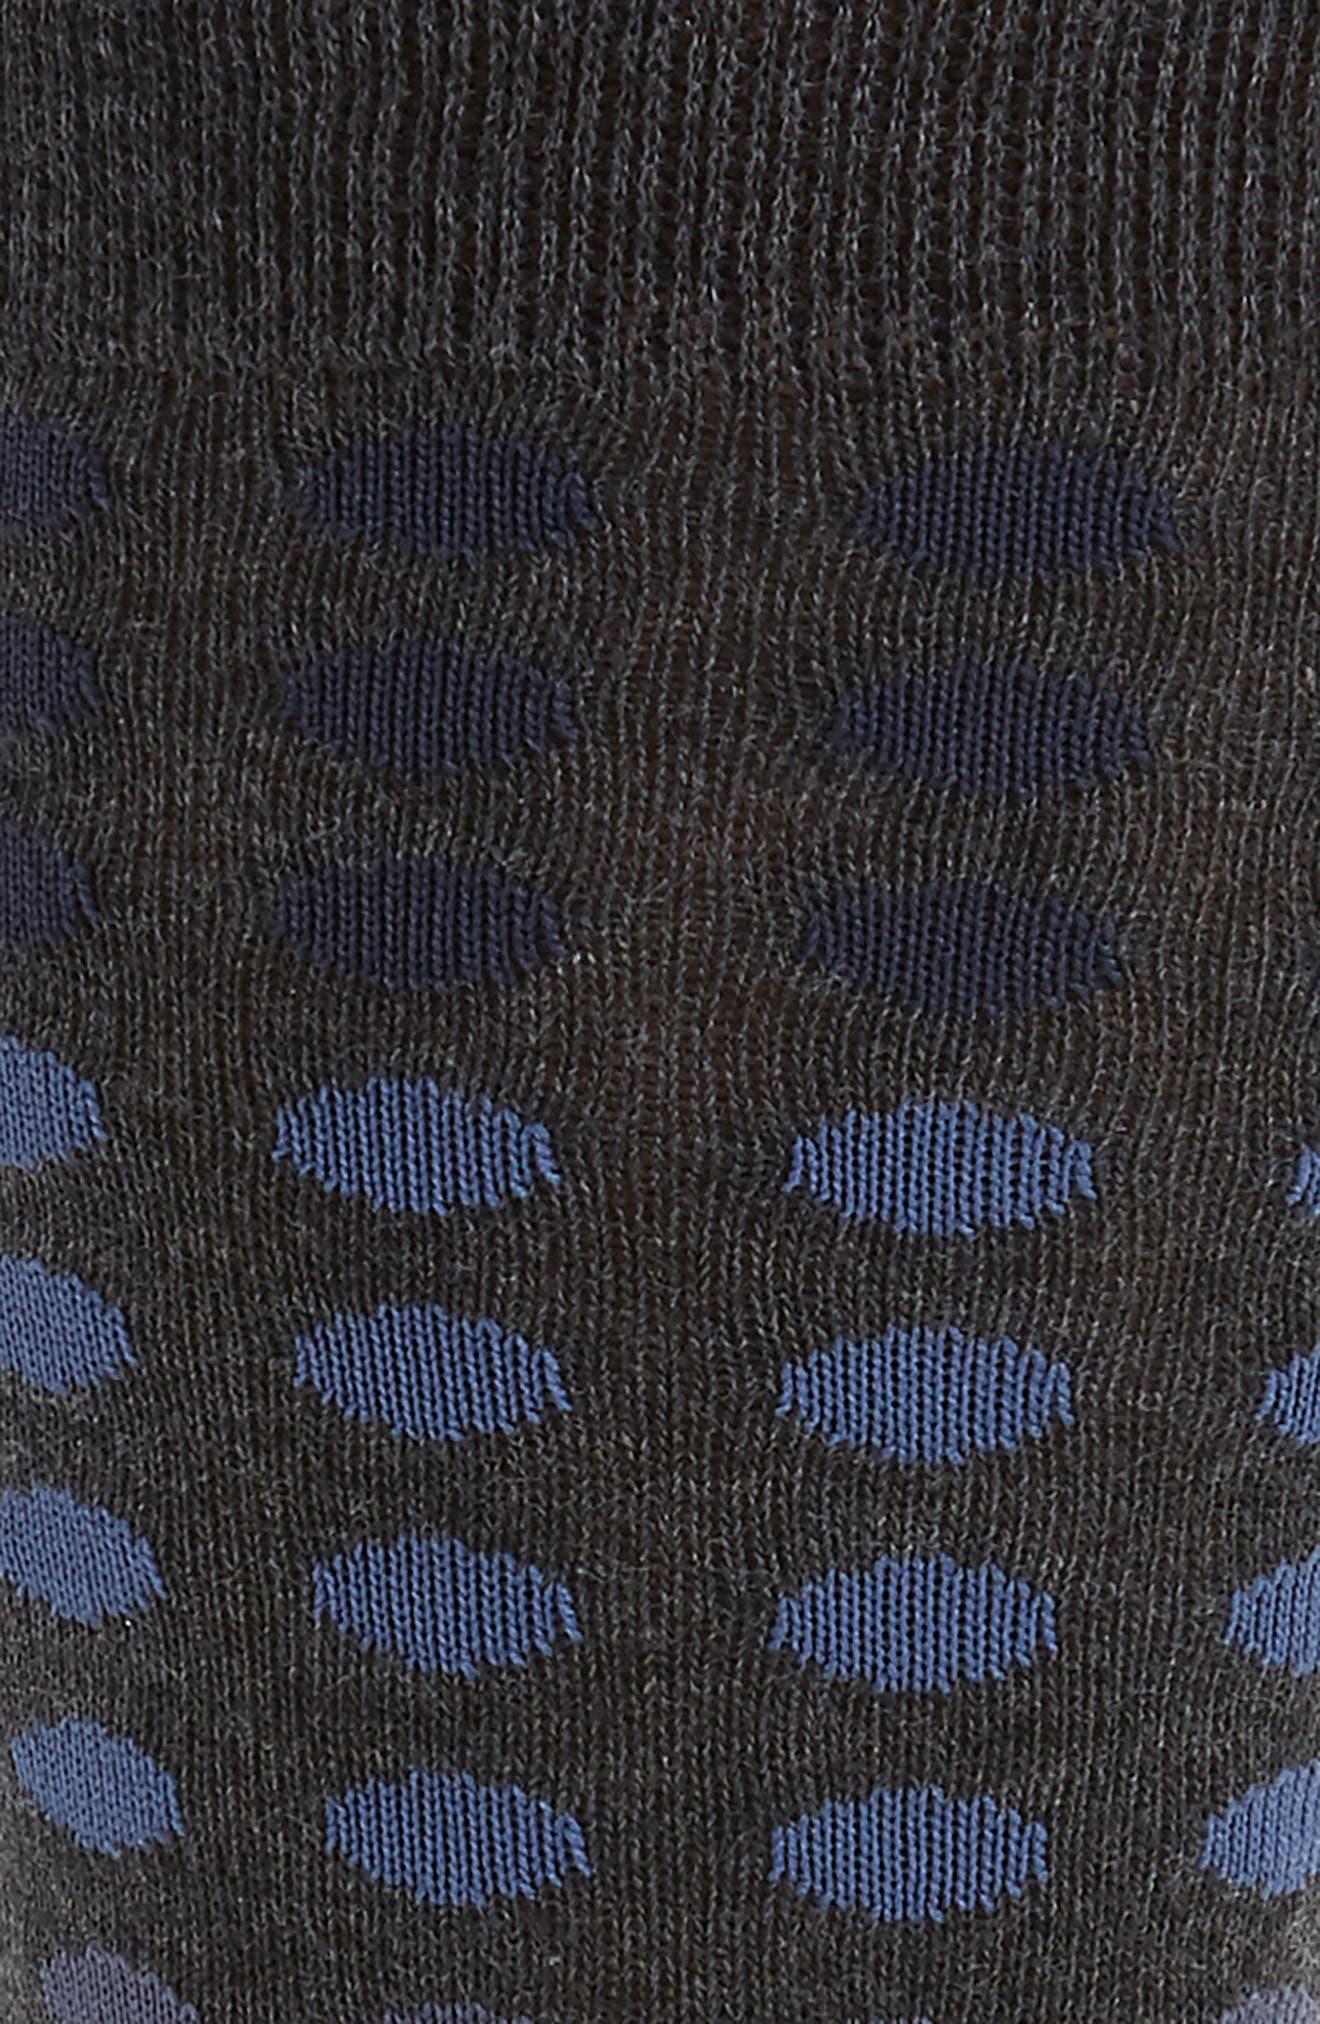 Gradient Dot Socks,                             Alternate thumbnail 2, color,                             021